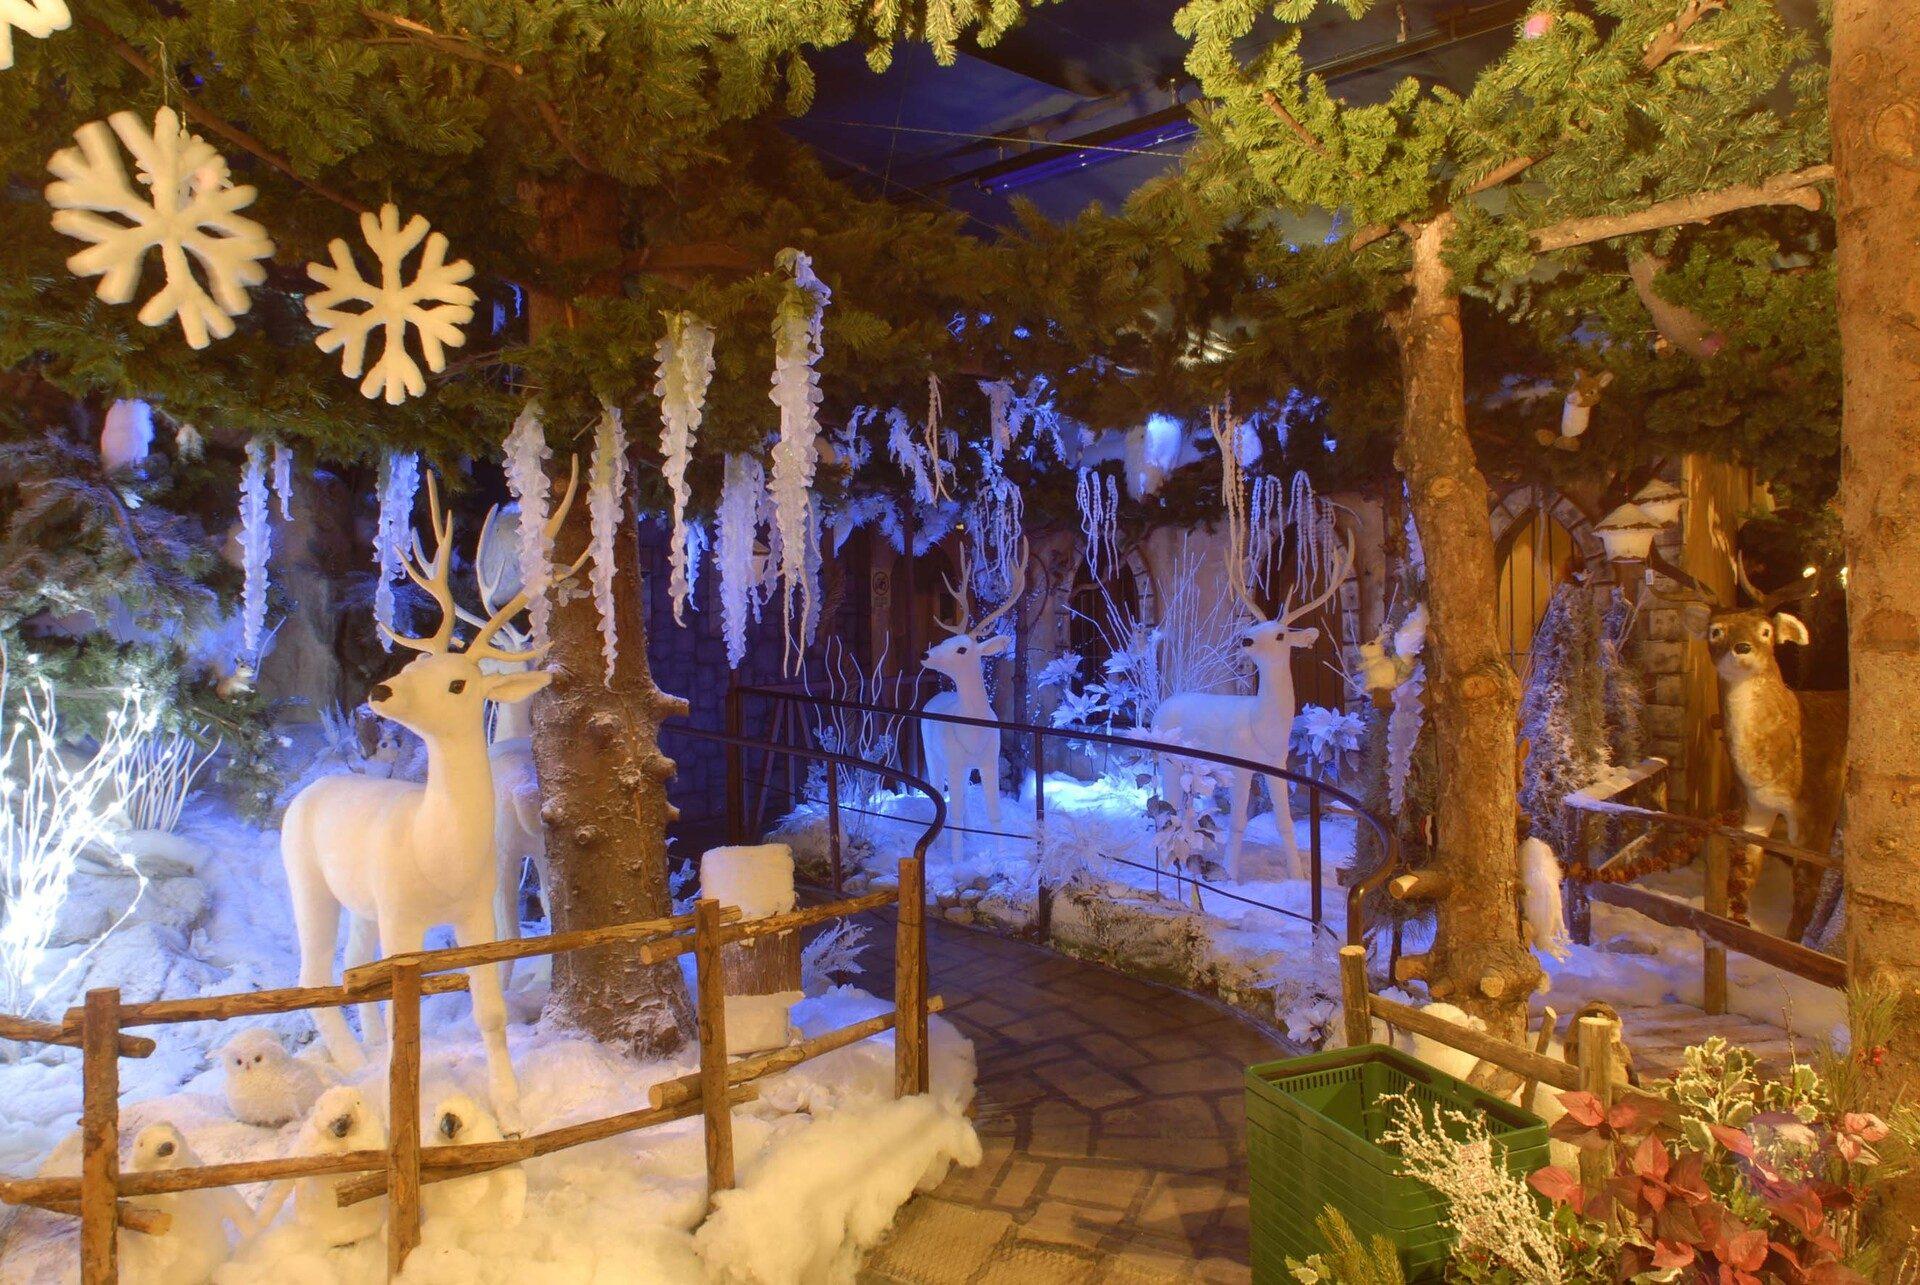 La Casa Di Babbo Natale A Verona.Il Villaggio Di Natale A Flover Mercatini Di Natale A Bussolengo Verona